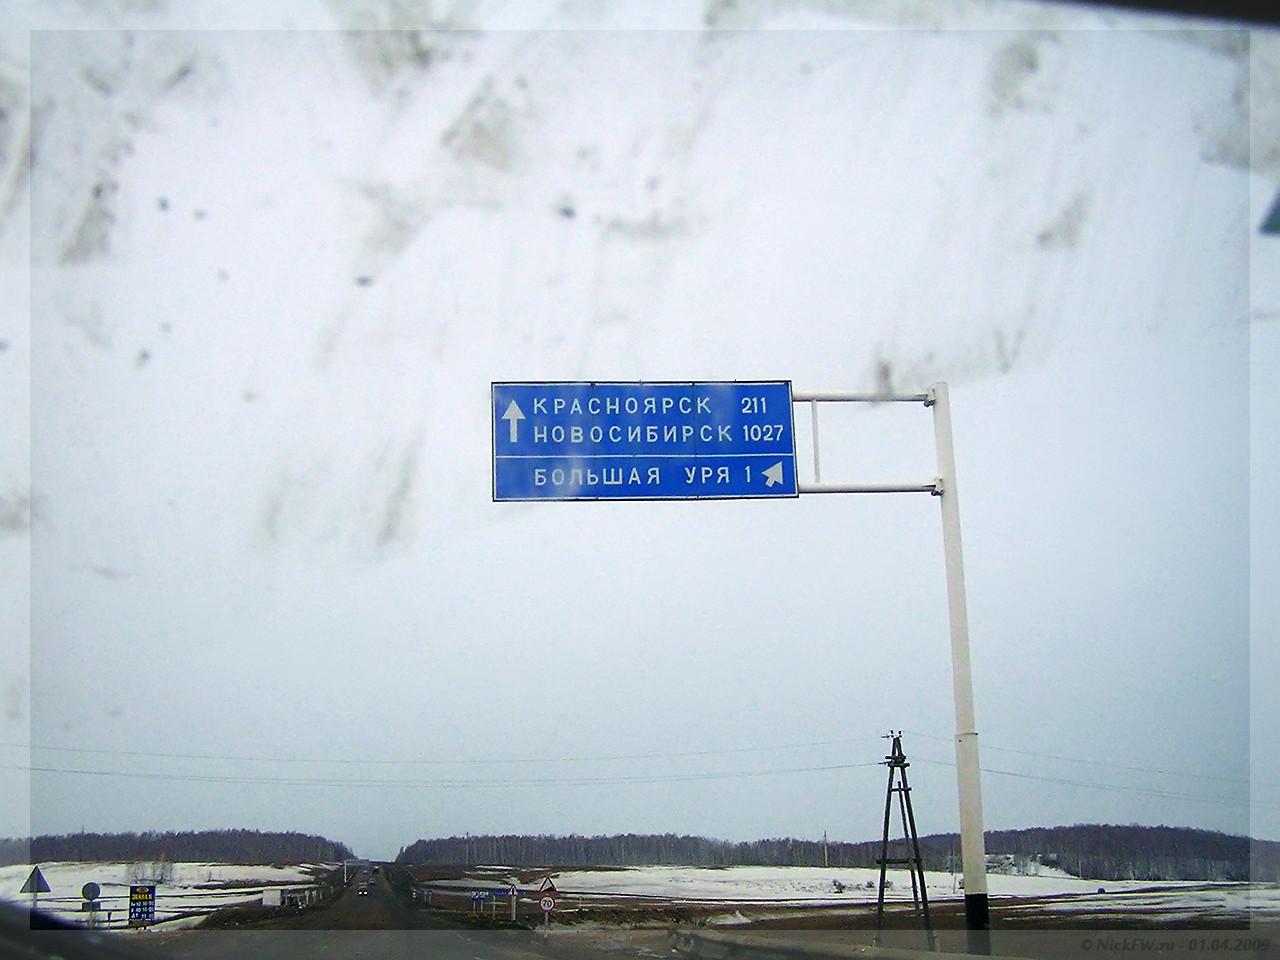 М53 - поворот на село Большая Уря (© NickFW - 01.04.2009)